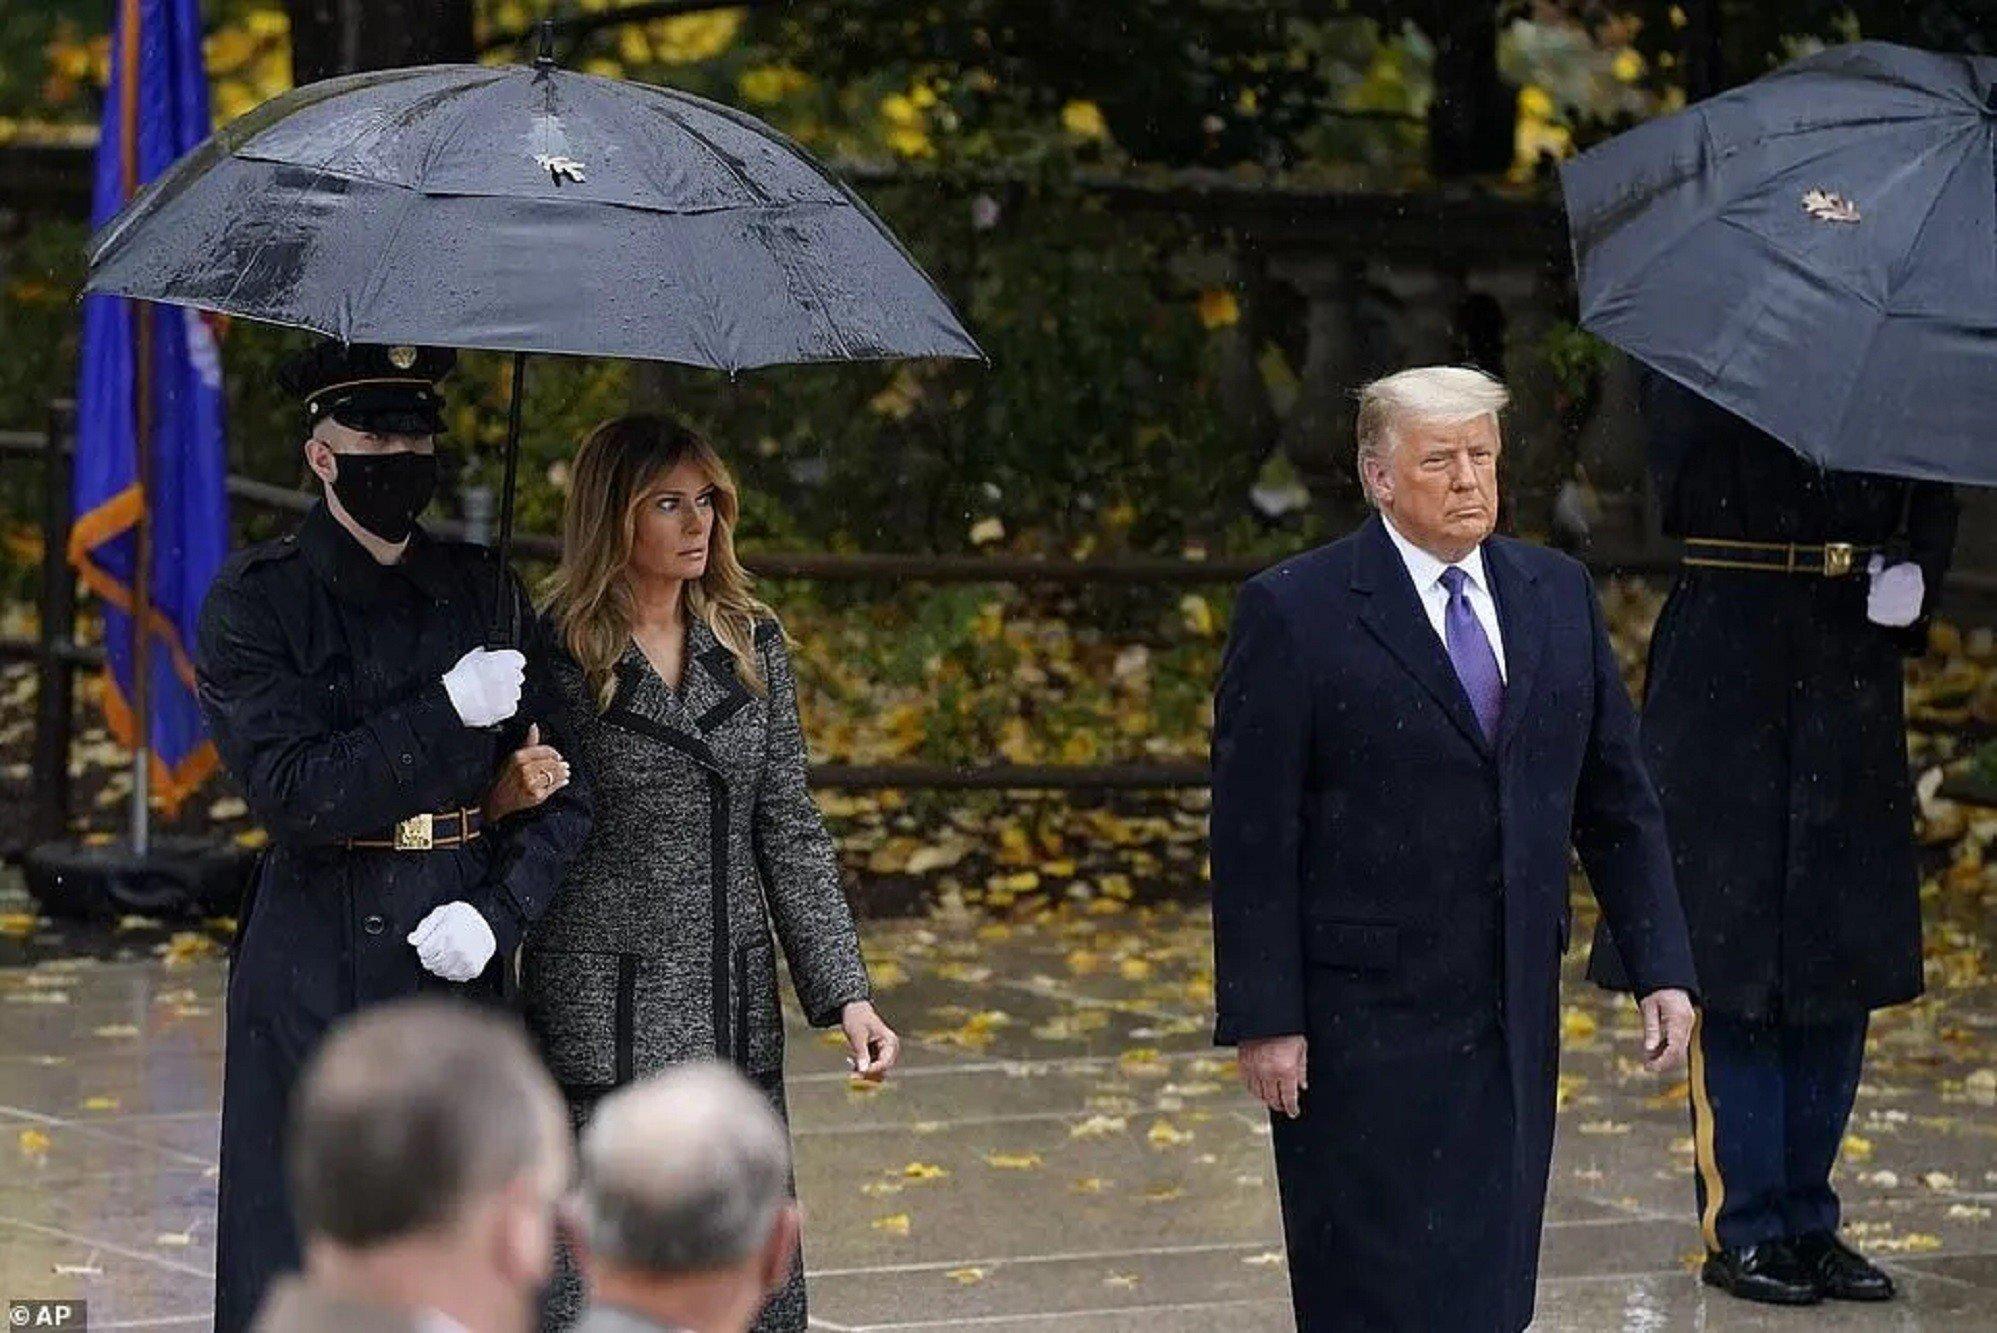 Мелания сторонилась Трампа на официальном мероприятии